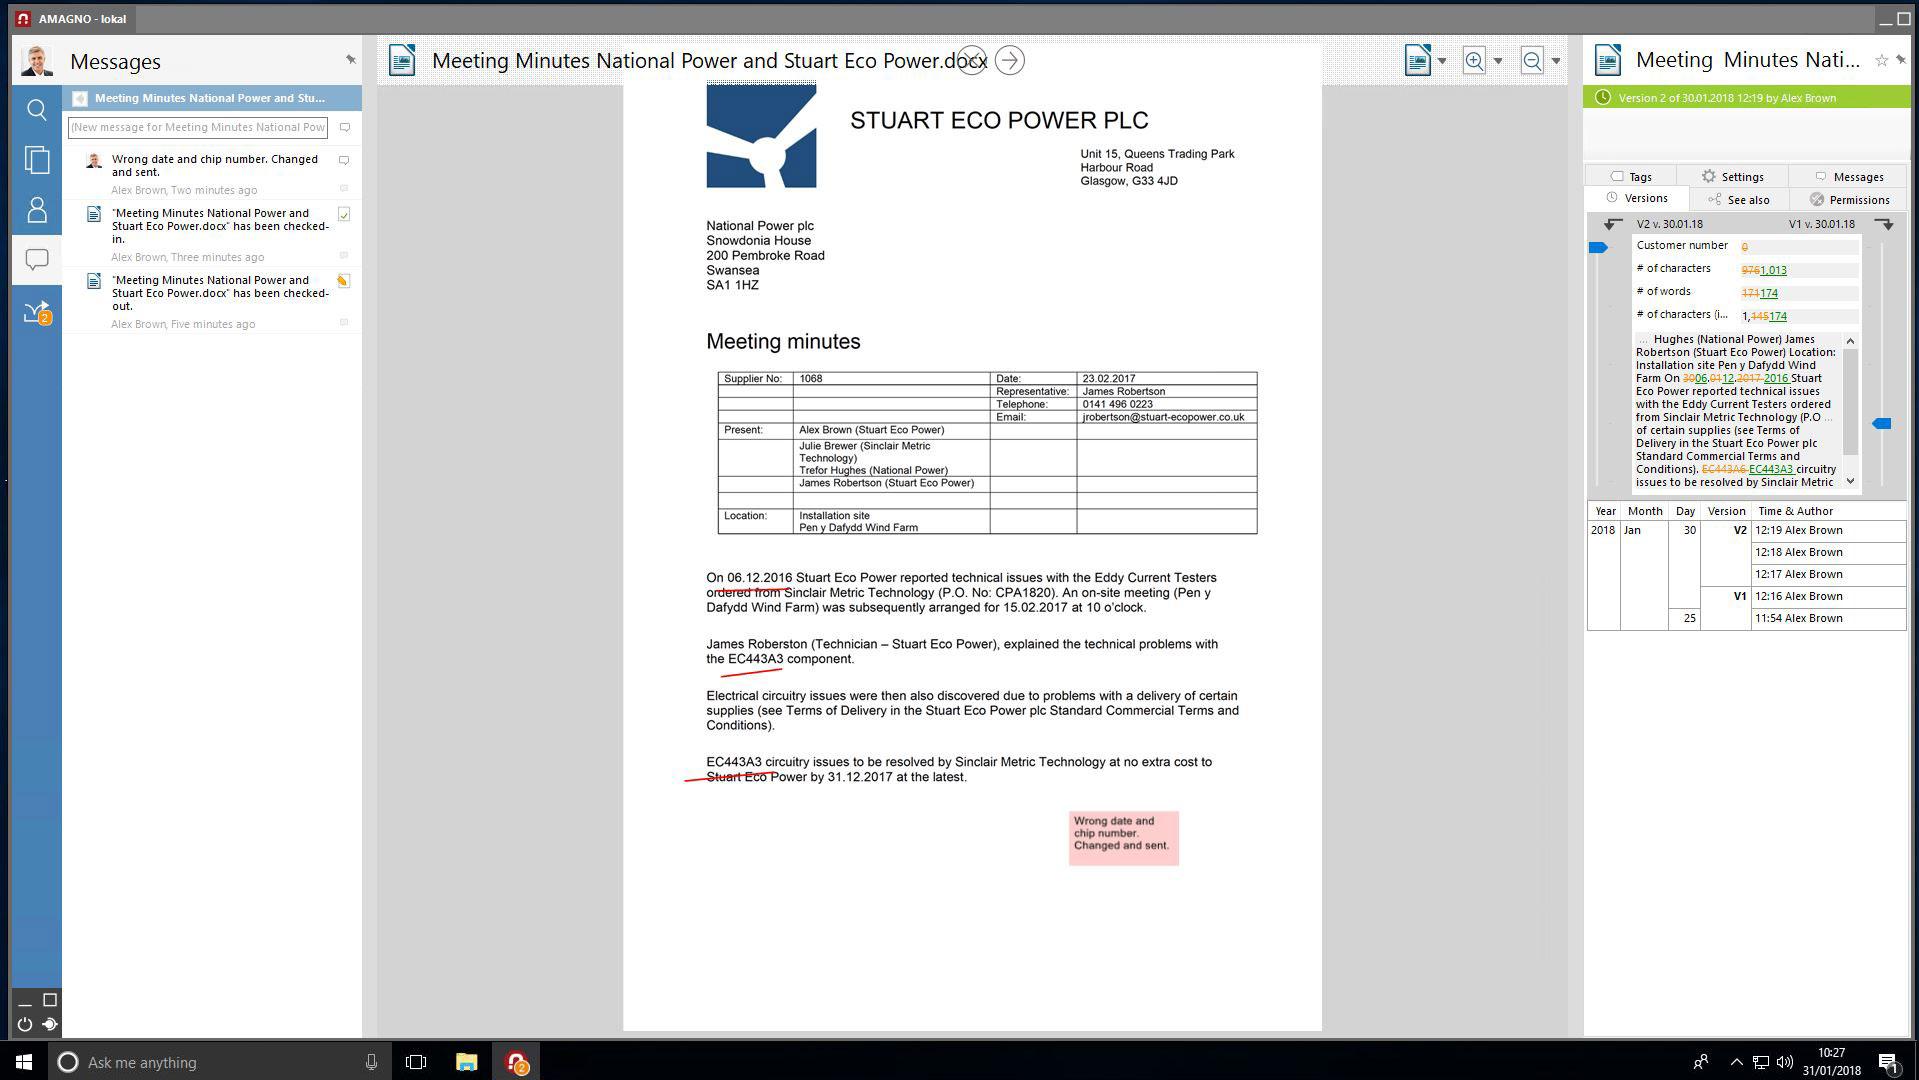 AMAGNO 5 Versions engl - Audit security with ECM